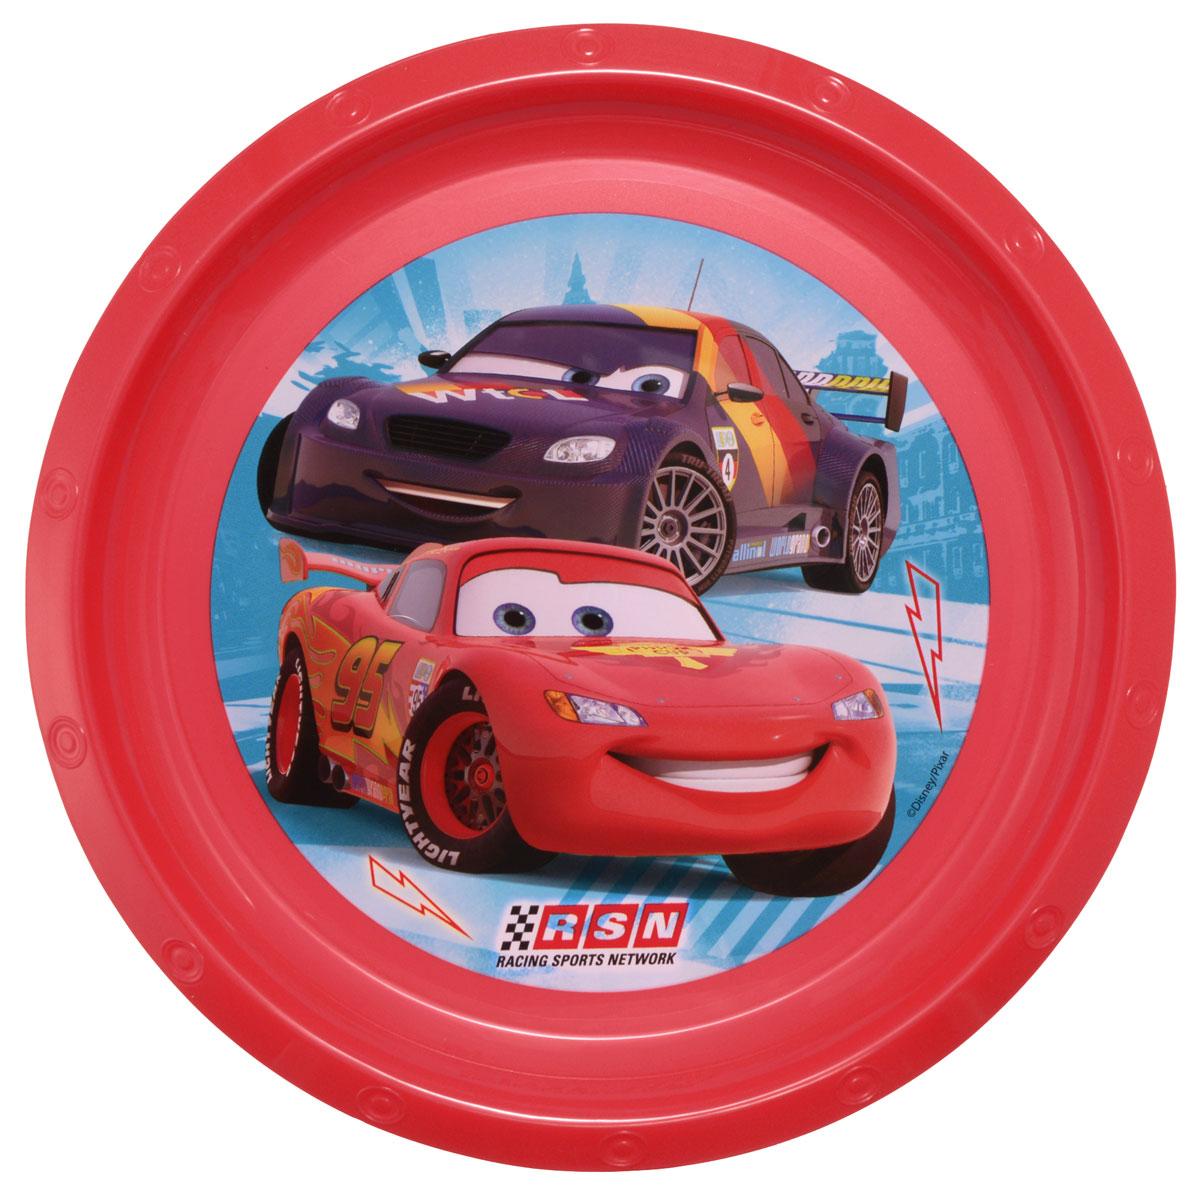 Disney Тарелка детская Тачки диаметр 21,5 см52312Яркая тарелка Disney Тачки идеально подойдет для кормления малыша и самостоятельного приема им пищи. Тарелка выполнена из безопасного полипропилена, дно оформлено высококачественным изображением героев мультфильма Тачки. Такой подарок станет не только приятным, но и практичным сувениром, добавит ярких эмоций вашему ребенку! Не предназначено для использования в СВЧ-печи и посудомоечной машине.